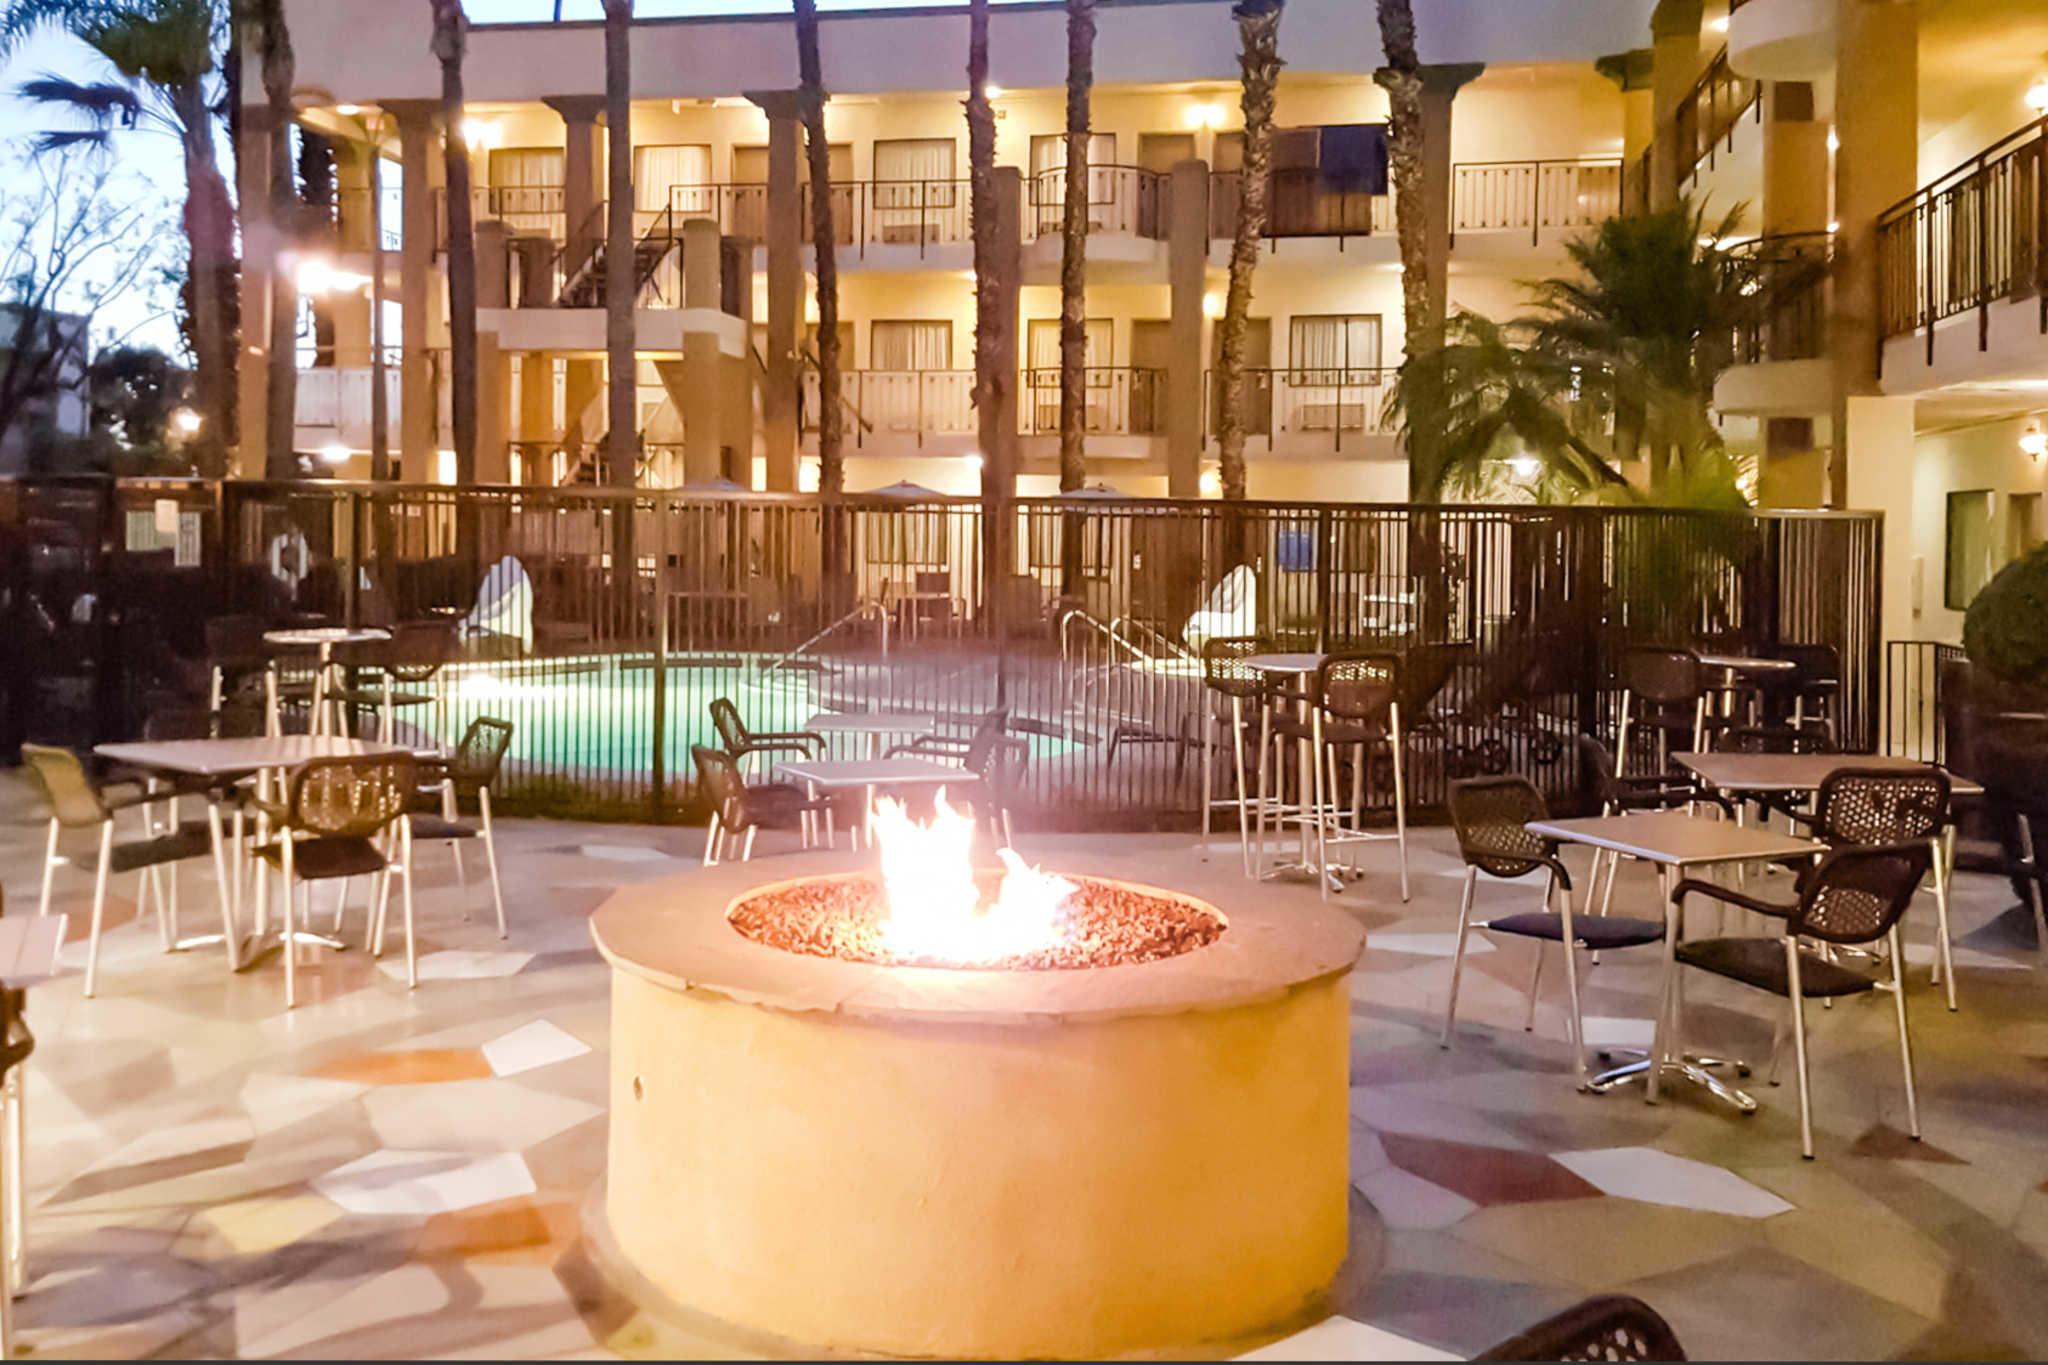 Comfort Inn & Suites Orange County John Wayne Airport image 8